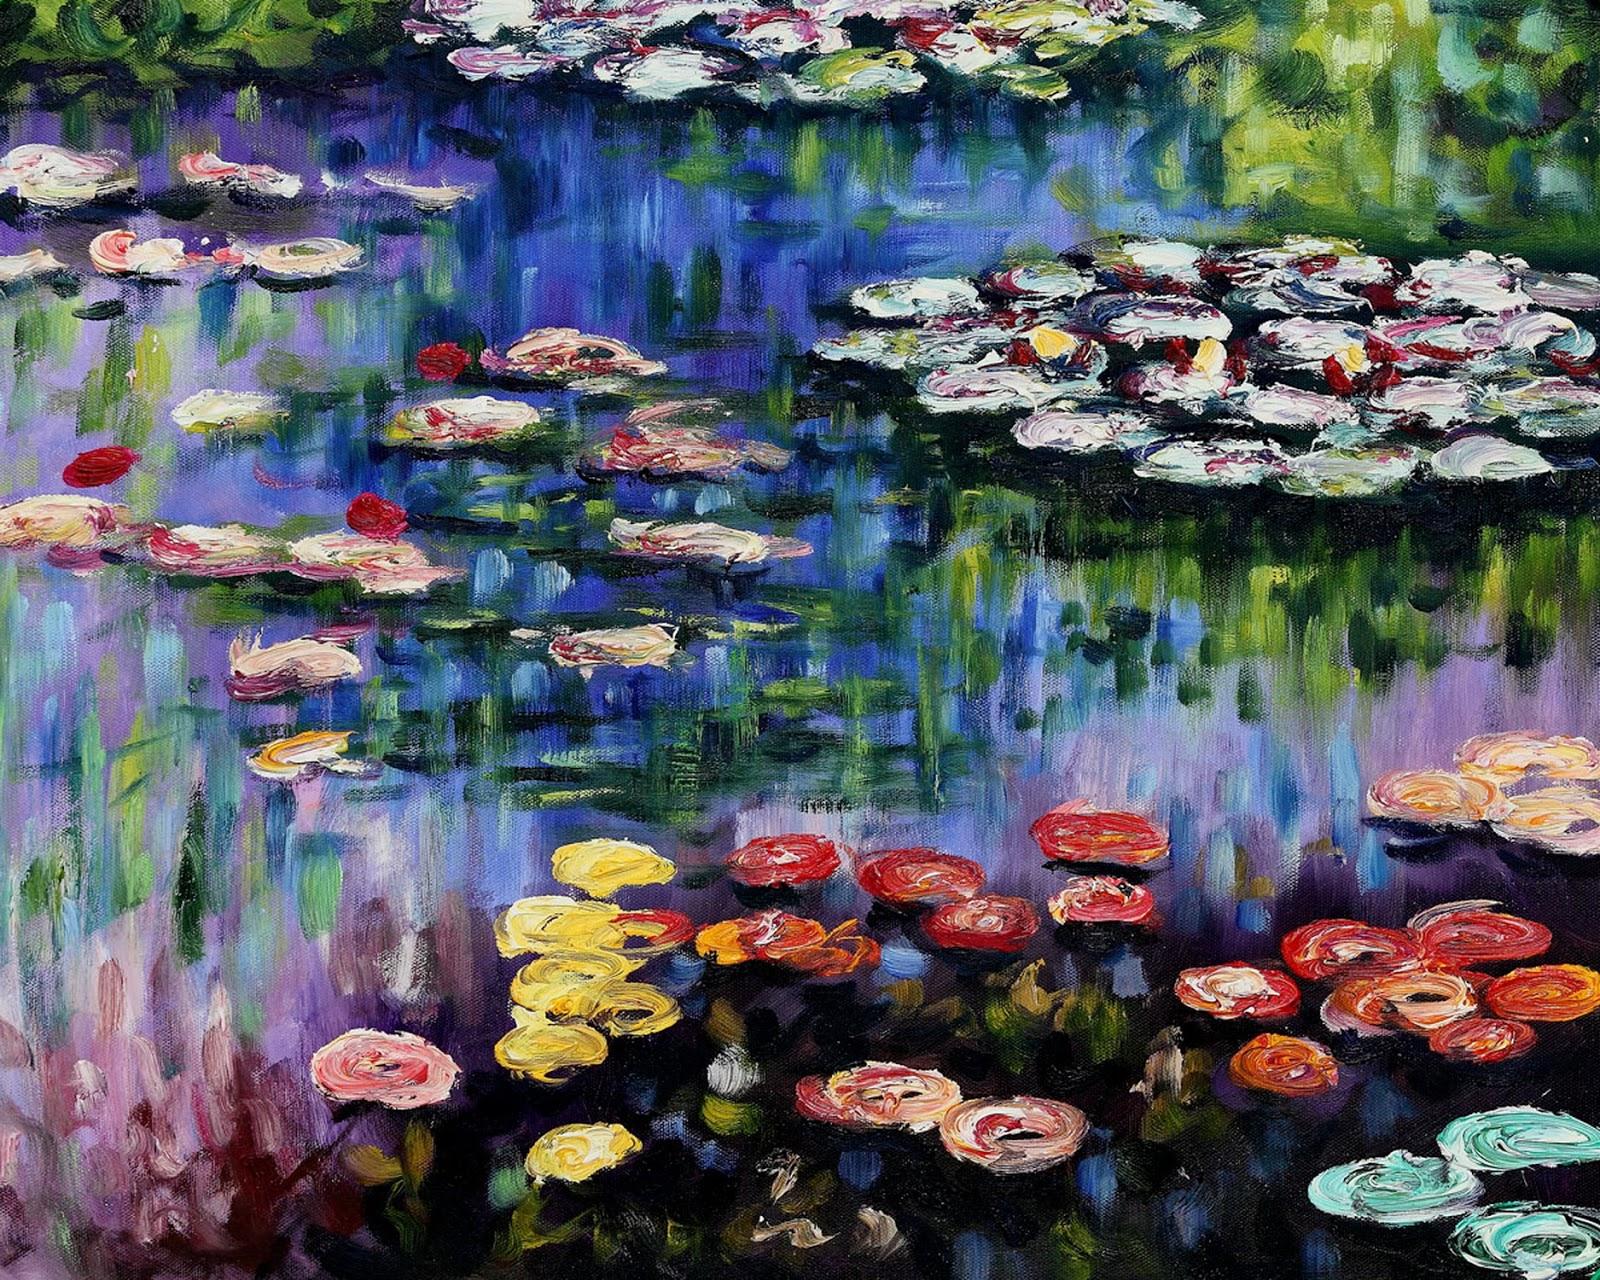 10 curiosidades sobre los 'Nenúfares' de Monet que no conocías